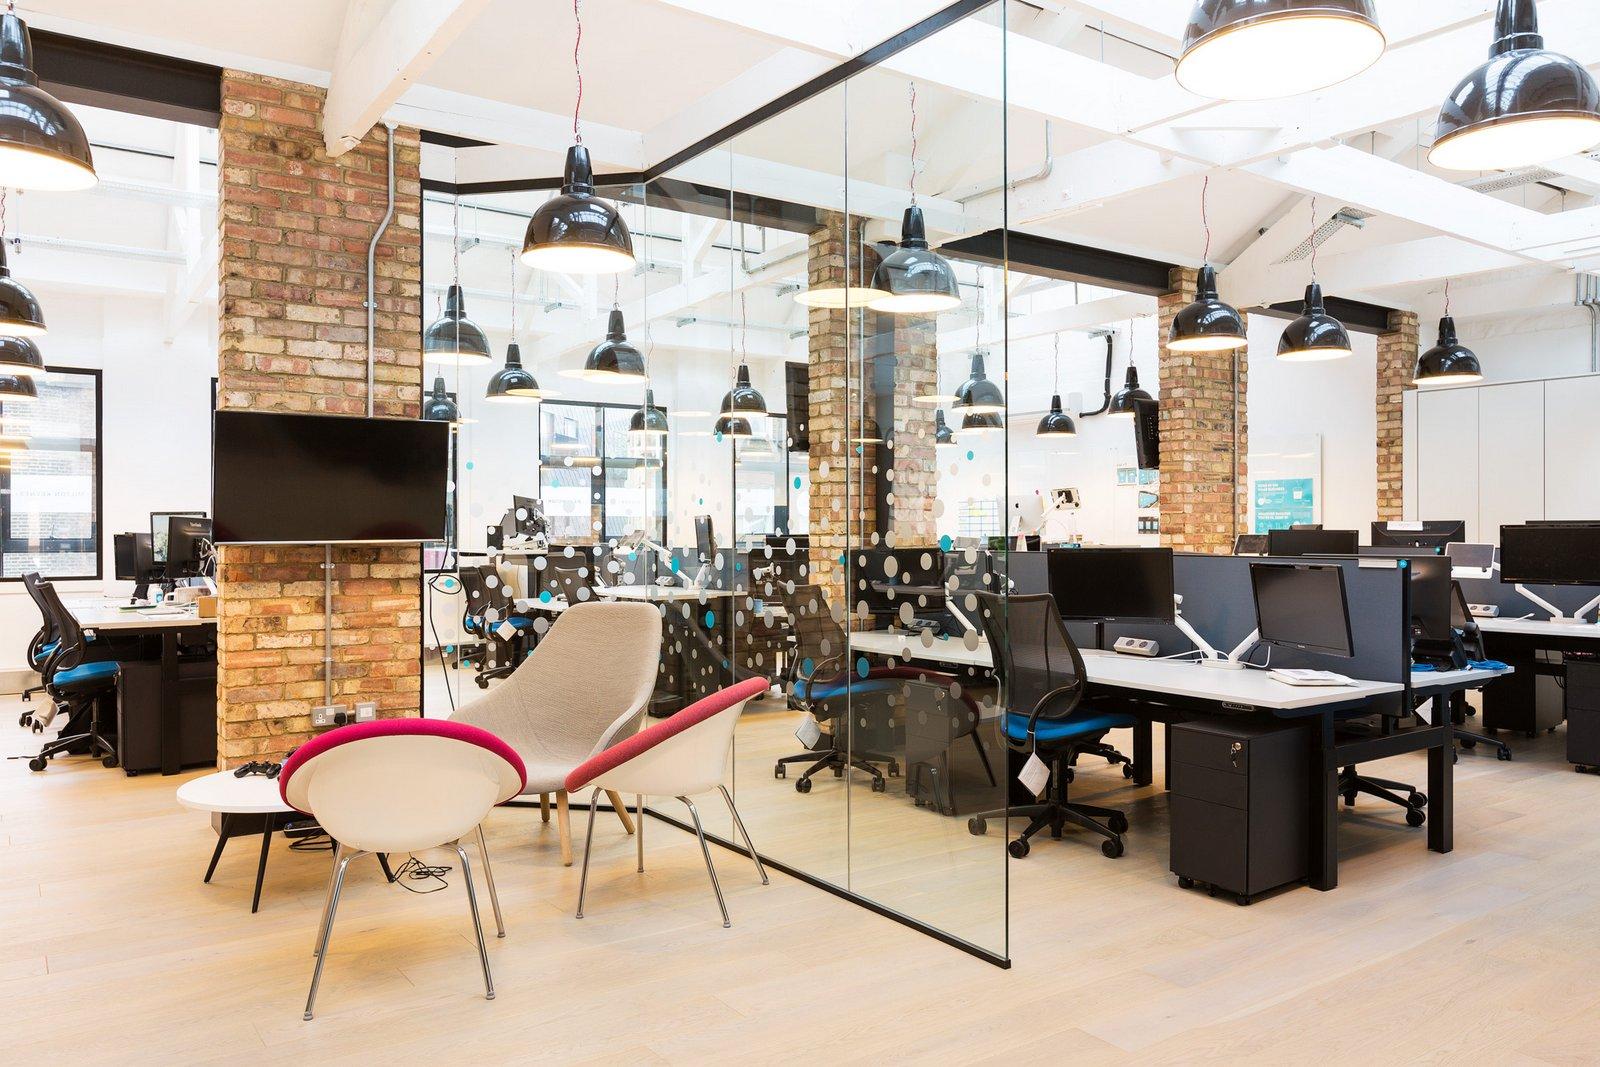 Giải pháp tối ưu giúp tiết kiệm chi phí thiết kế nội thất văn phòng